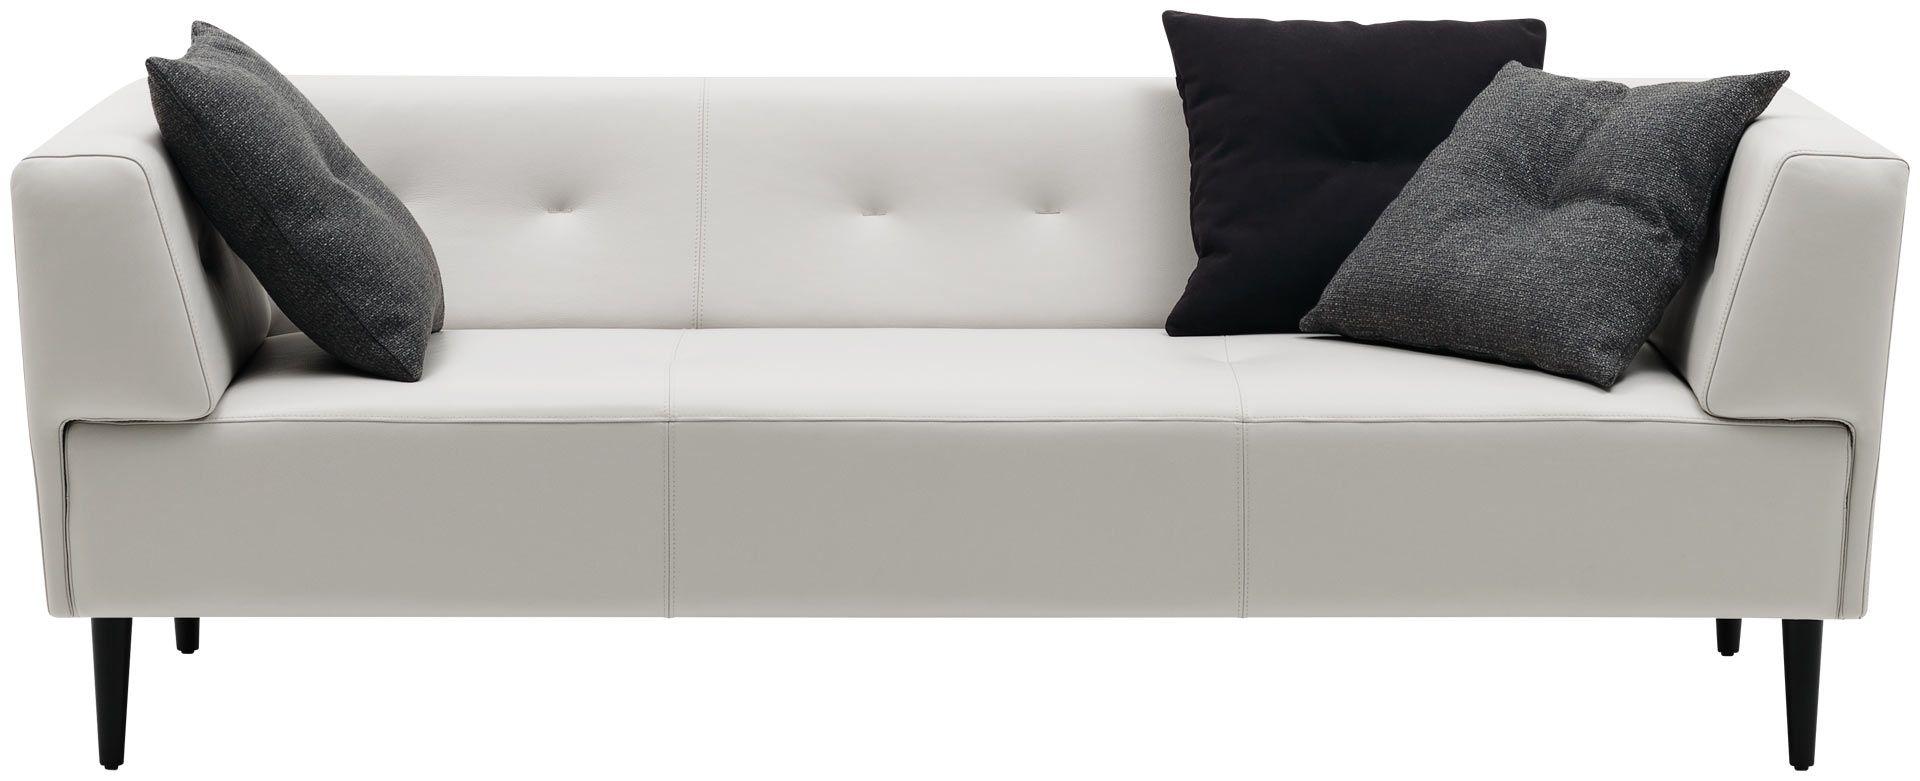 Philly Sofa Customize Your Own Sofa Bo Concept Sofa  # Bo Concept Meuble Tv